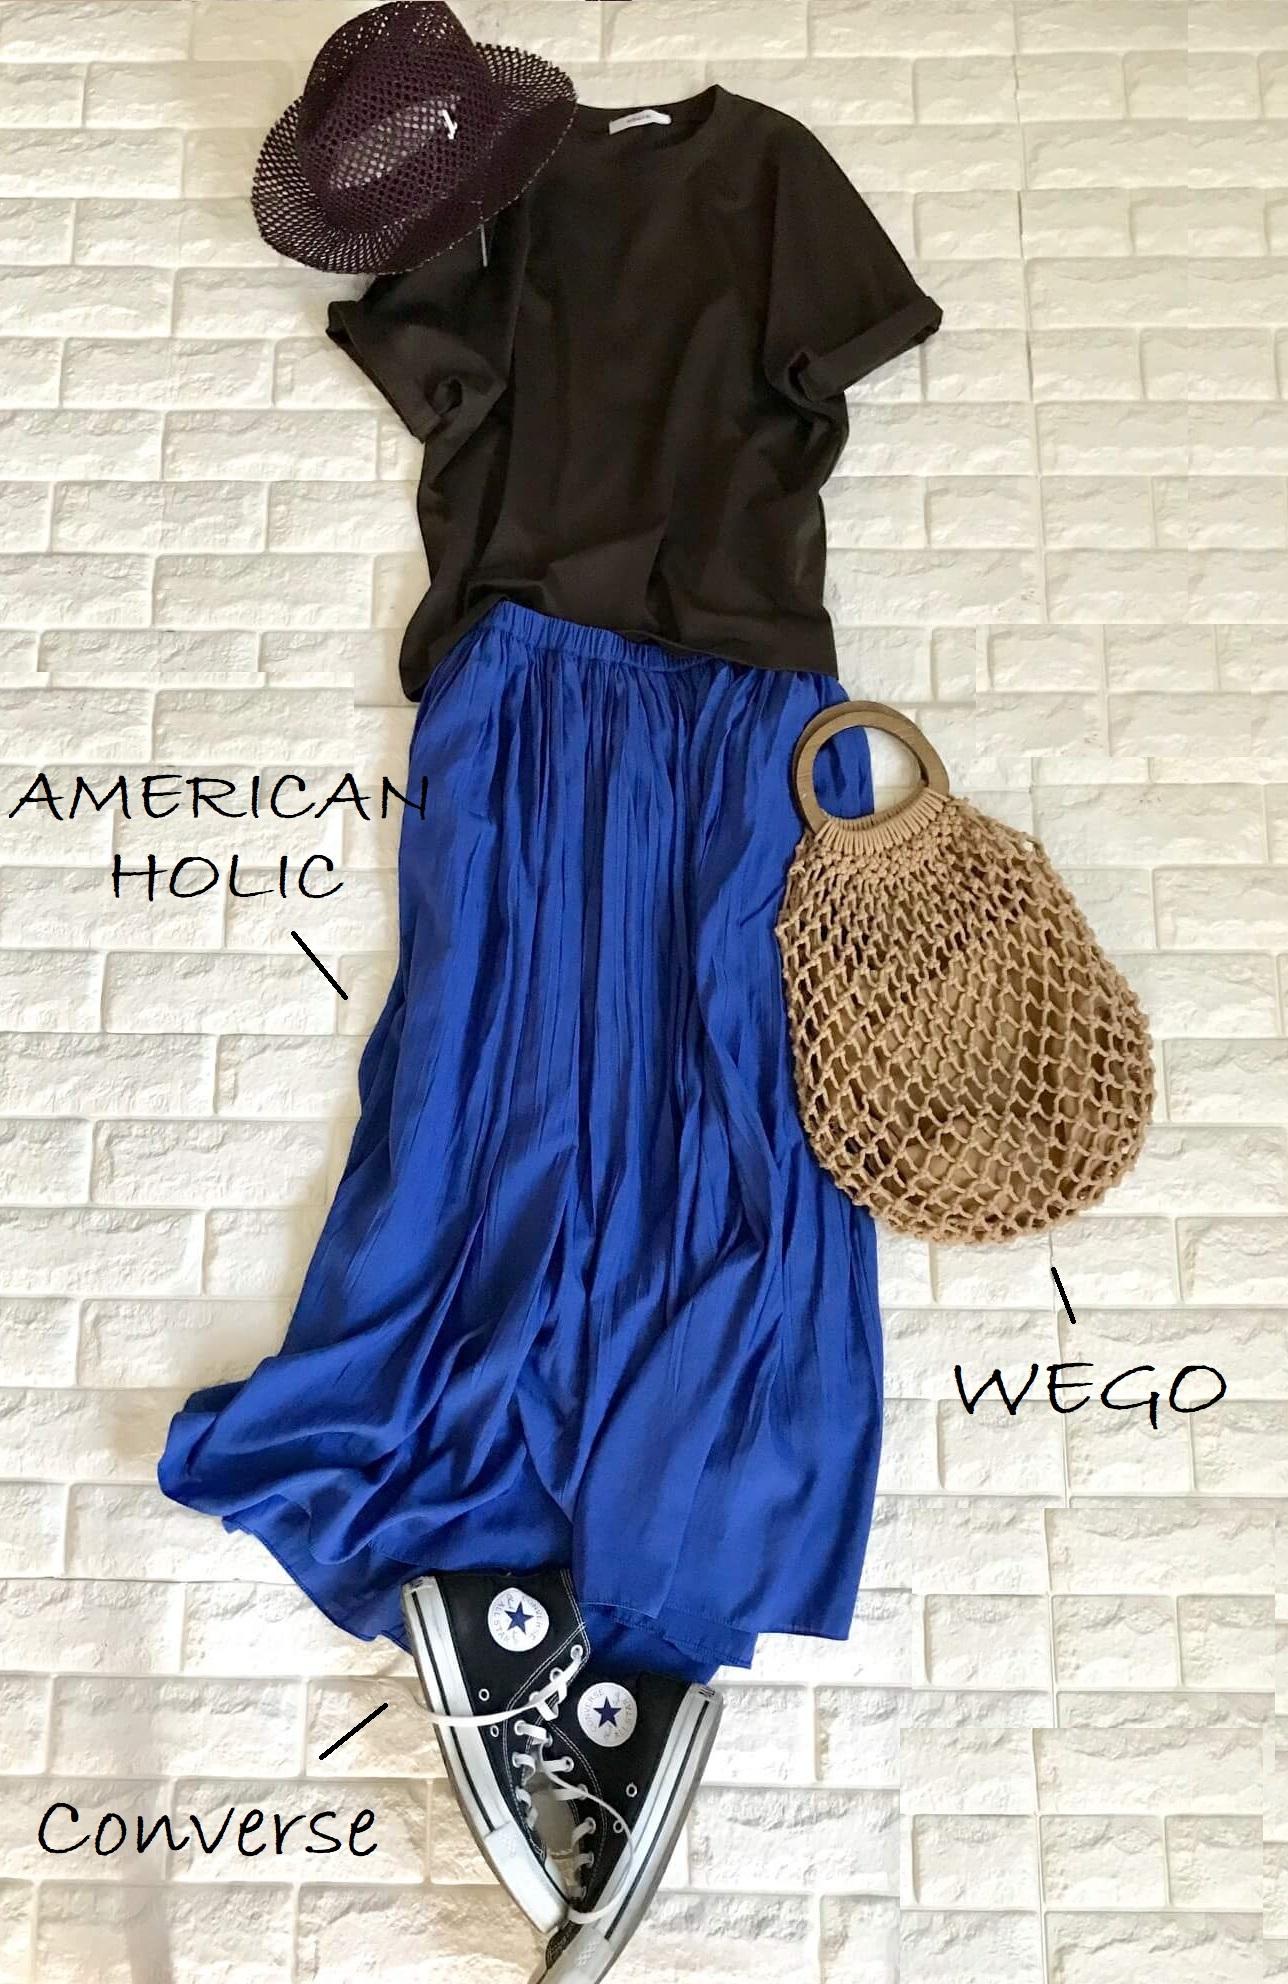 エブールのTシャツとブルーのスカートを合わせたコーデ